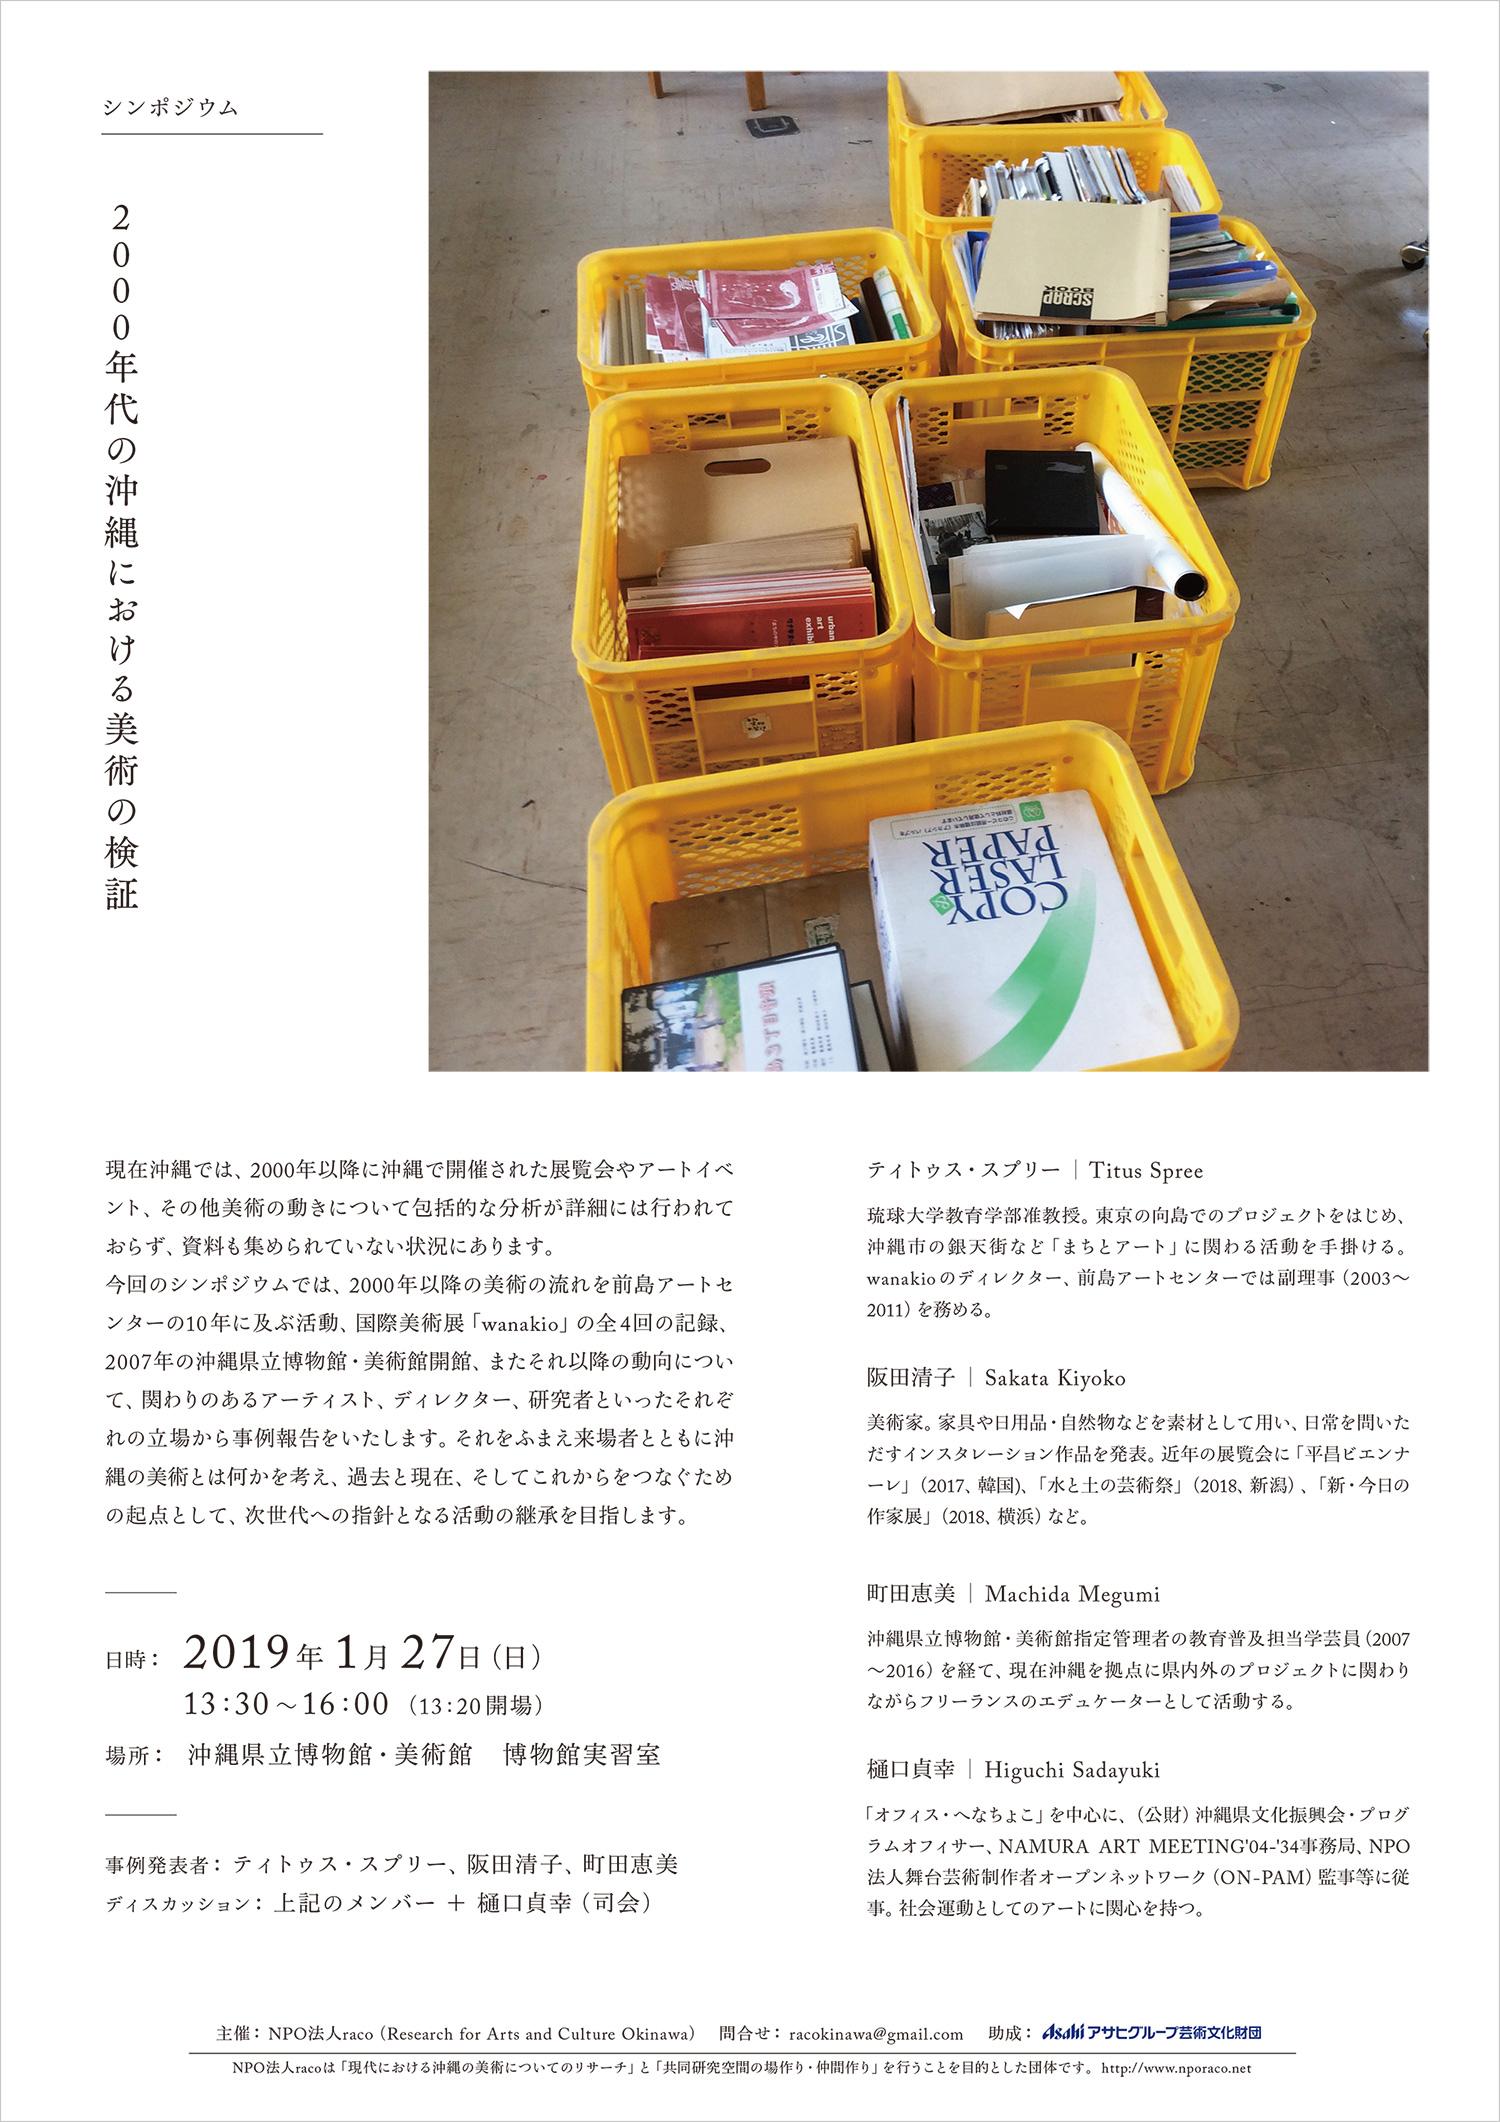 2000年代の沖縄における美術の検証